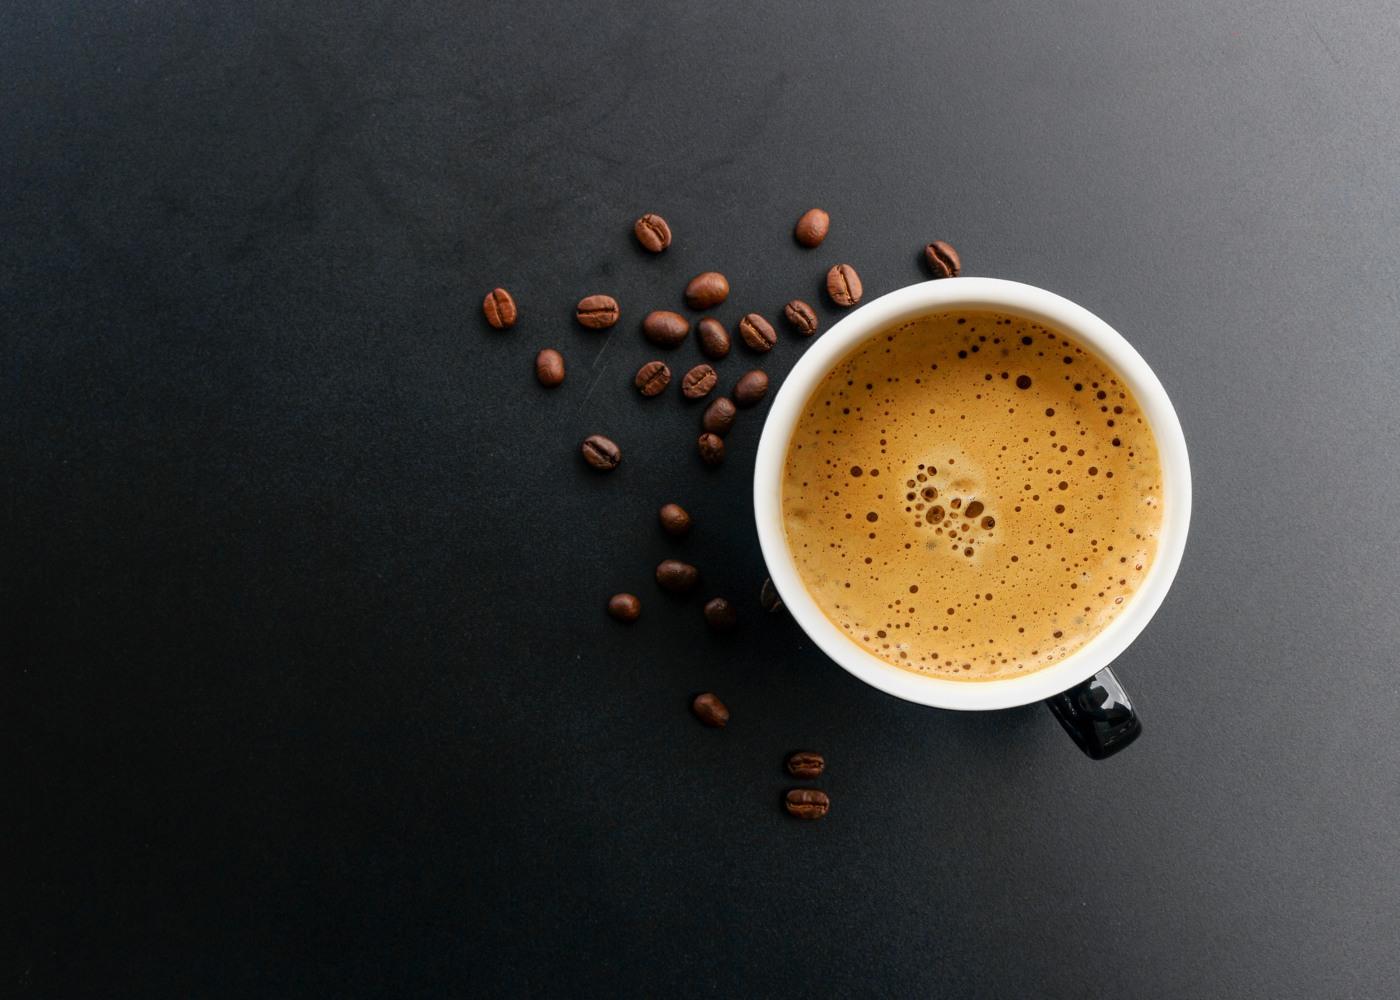 Chávena de café expresso